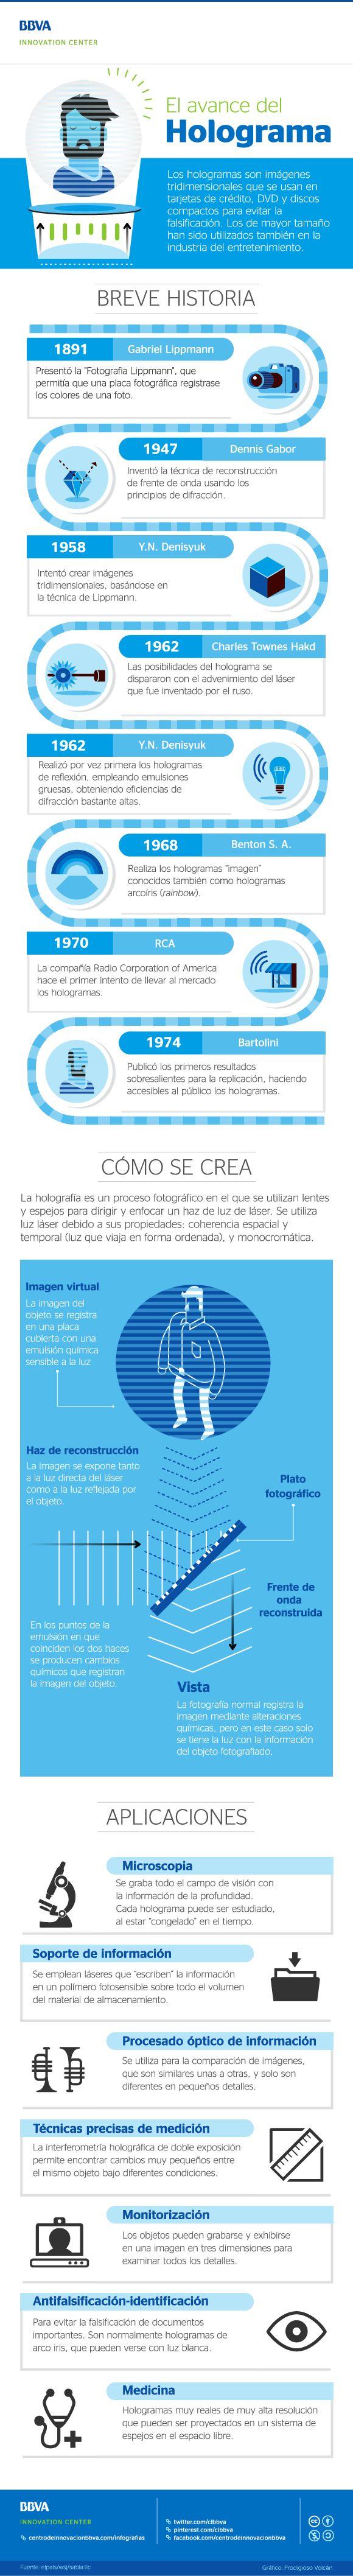 Infografía: El avance de los hologramas por @cibbva